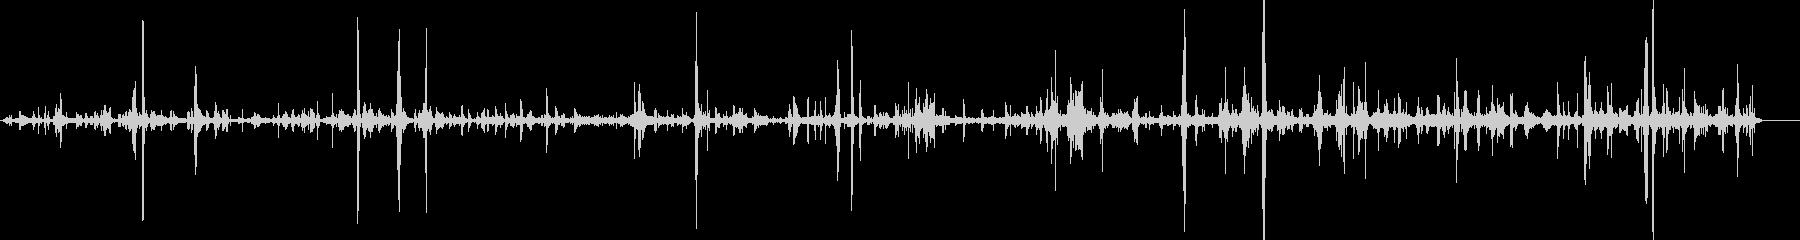 ケージ-動物ストアの未再生の波形